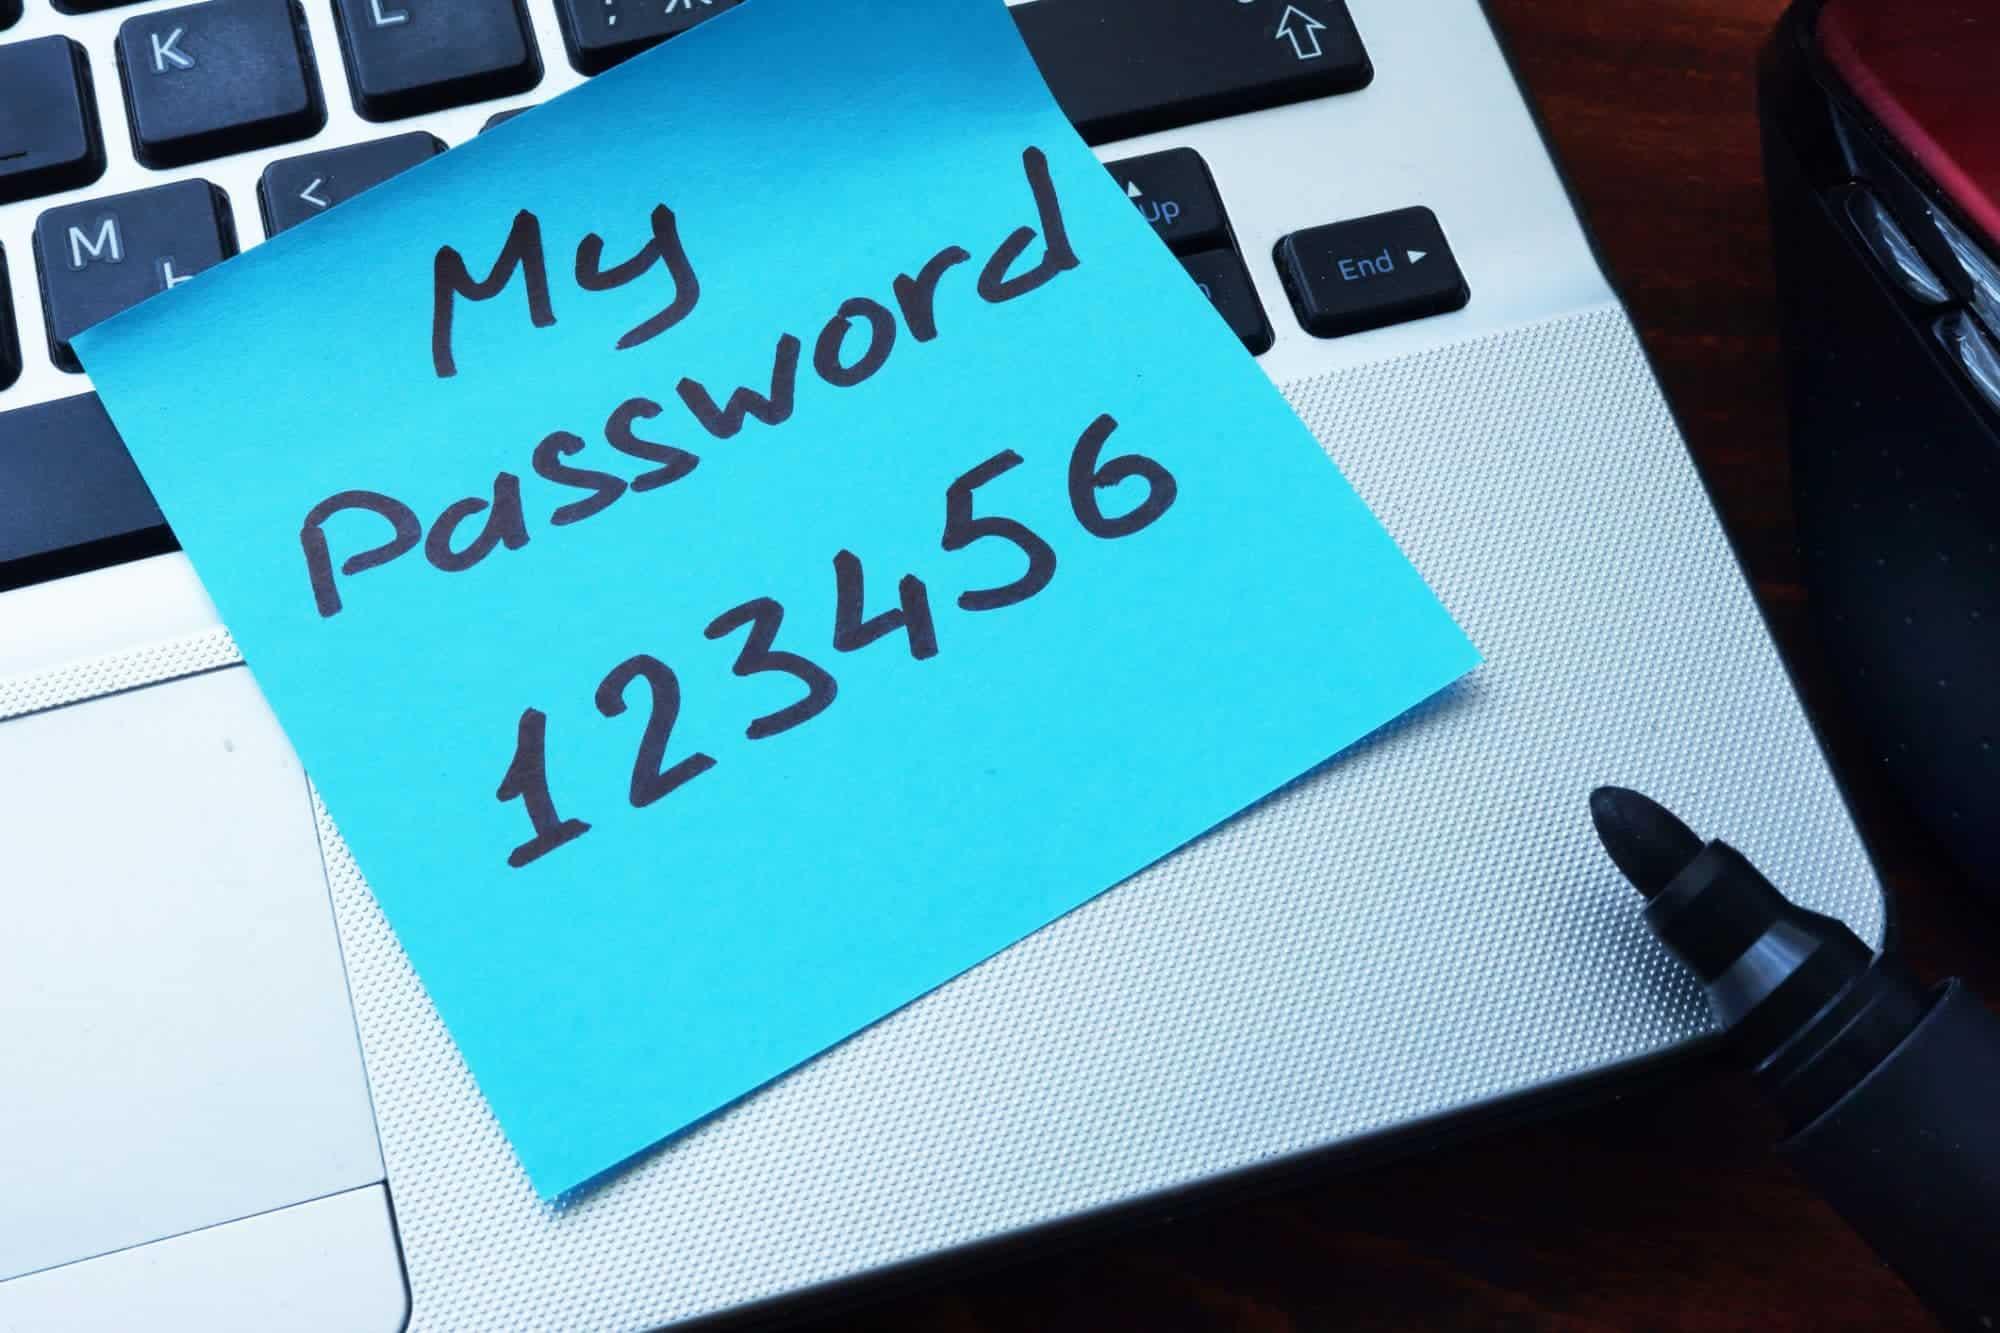 Easy Password Picture